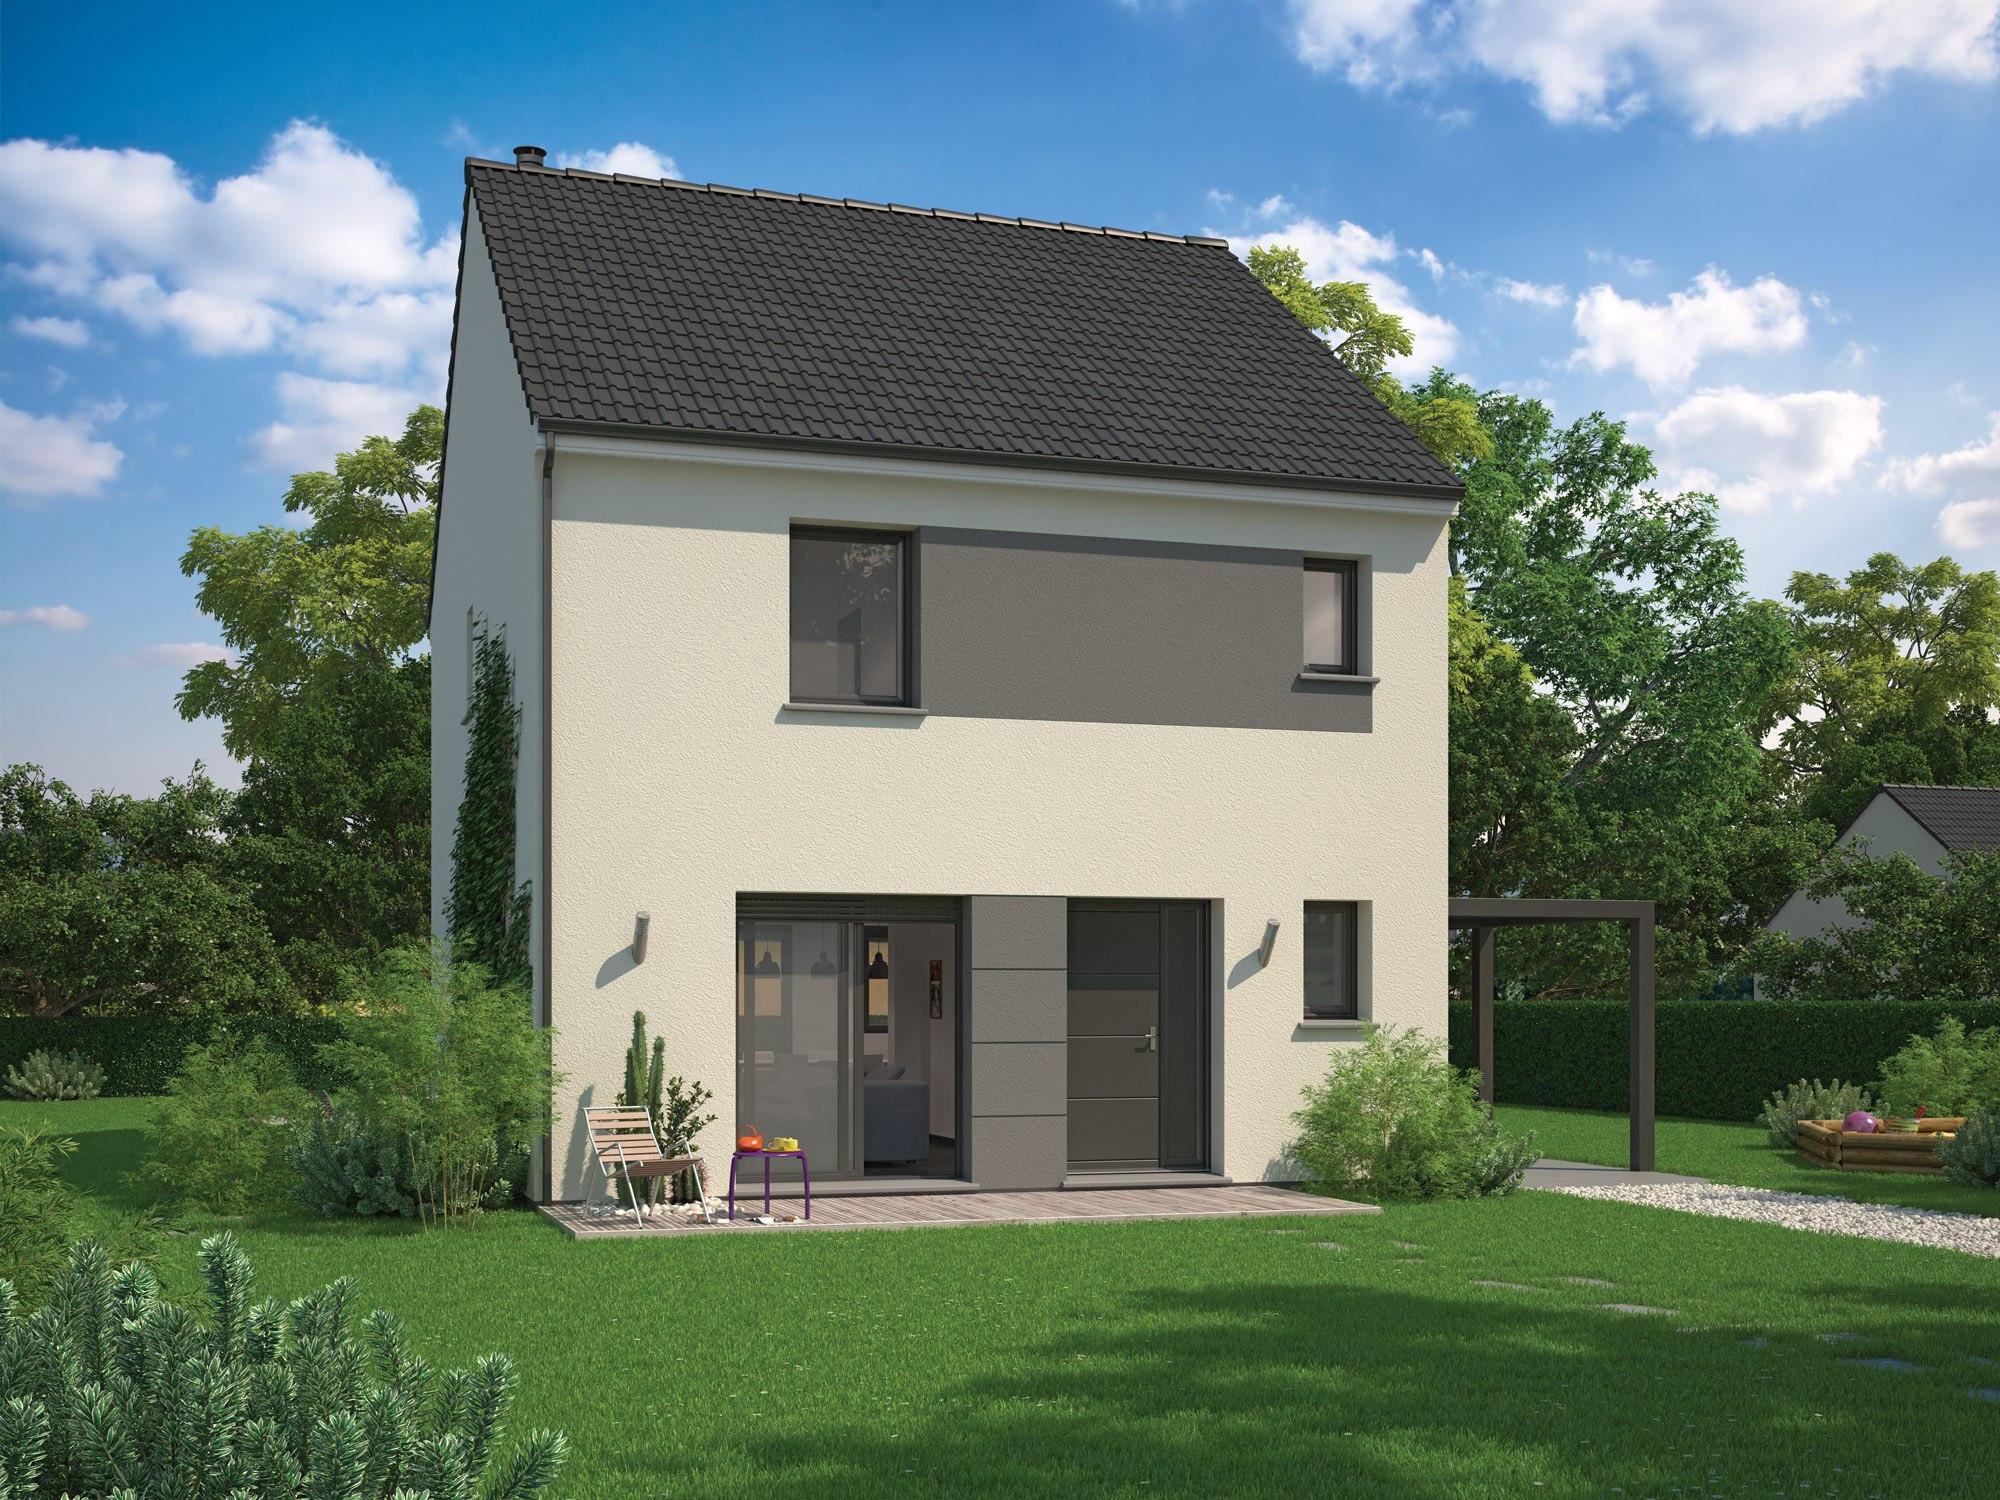 Maisons + Terrains du constructeur MAISON FAMILIALE • 102 m² • AULNAY SOUS BOIS